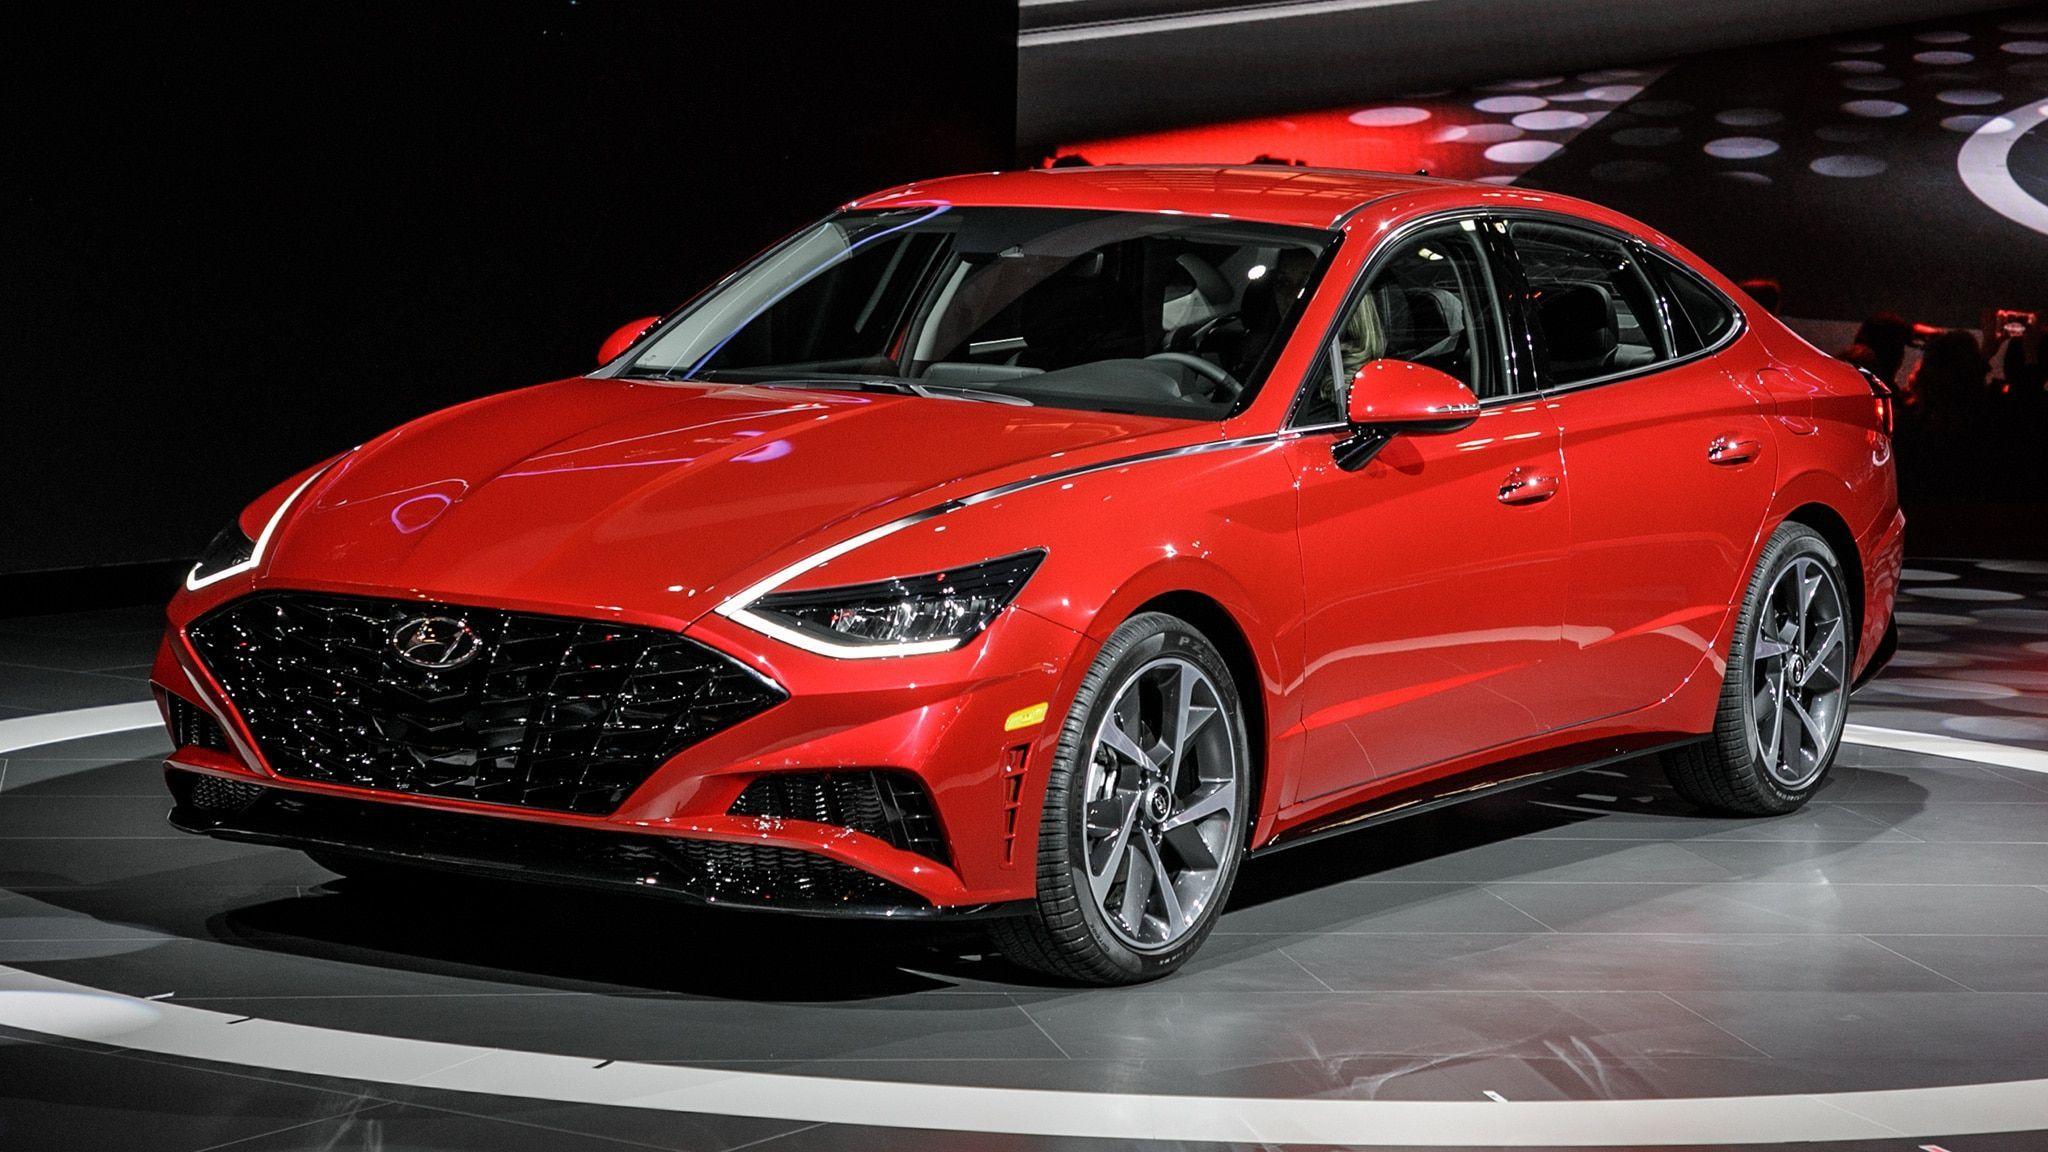 Hyundai Future Cars 2020 Picture Di 2020